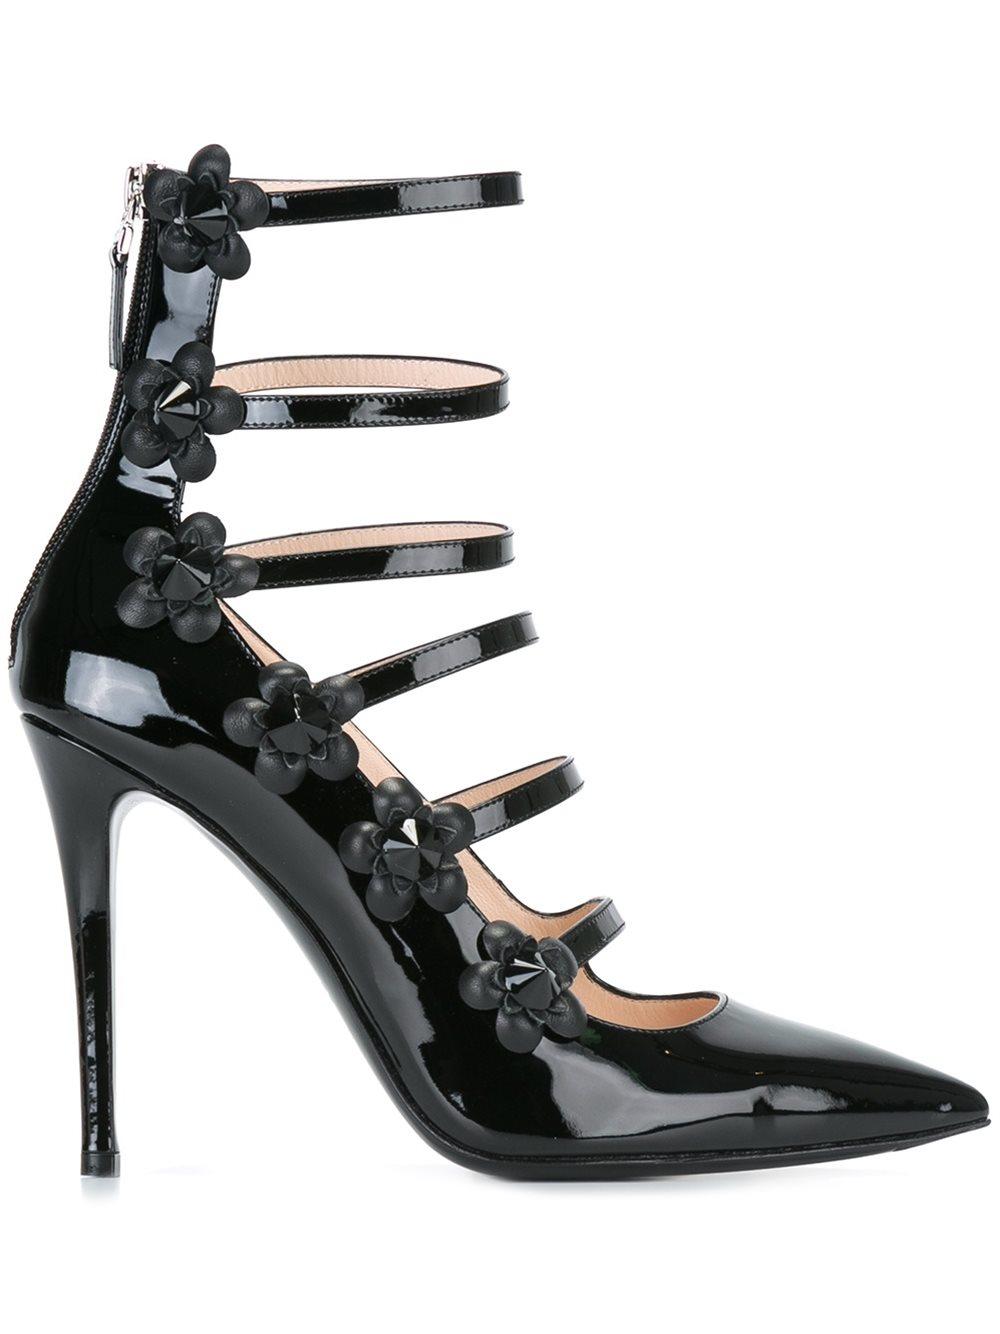 Mens Black Patent Shoes Uk Images Ideas LZK